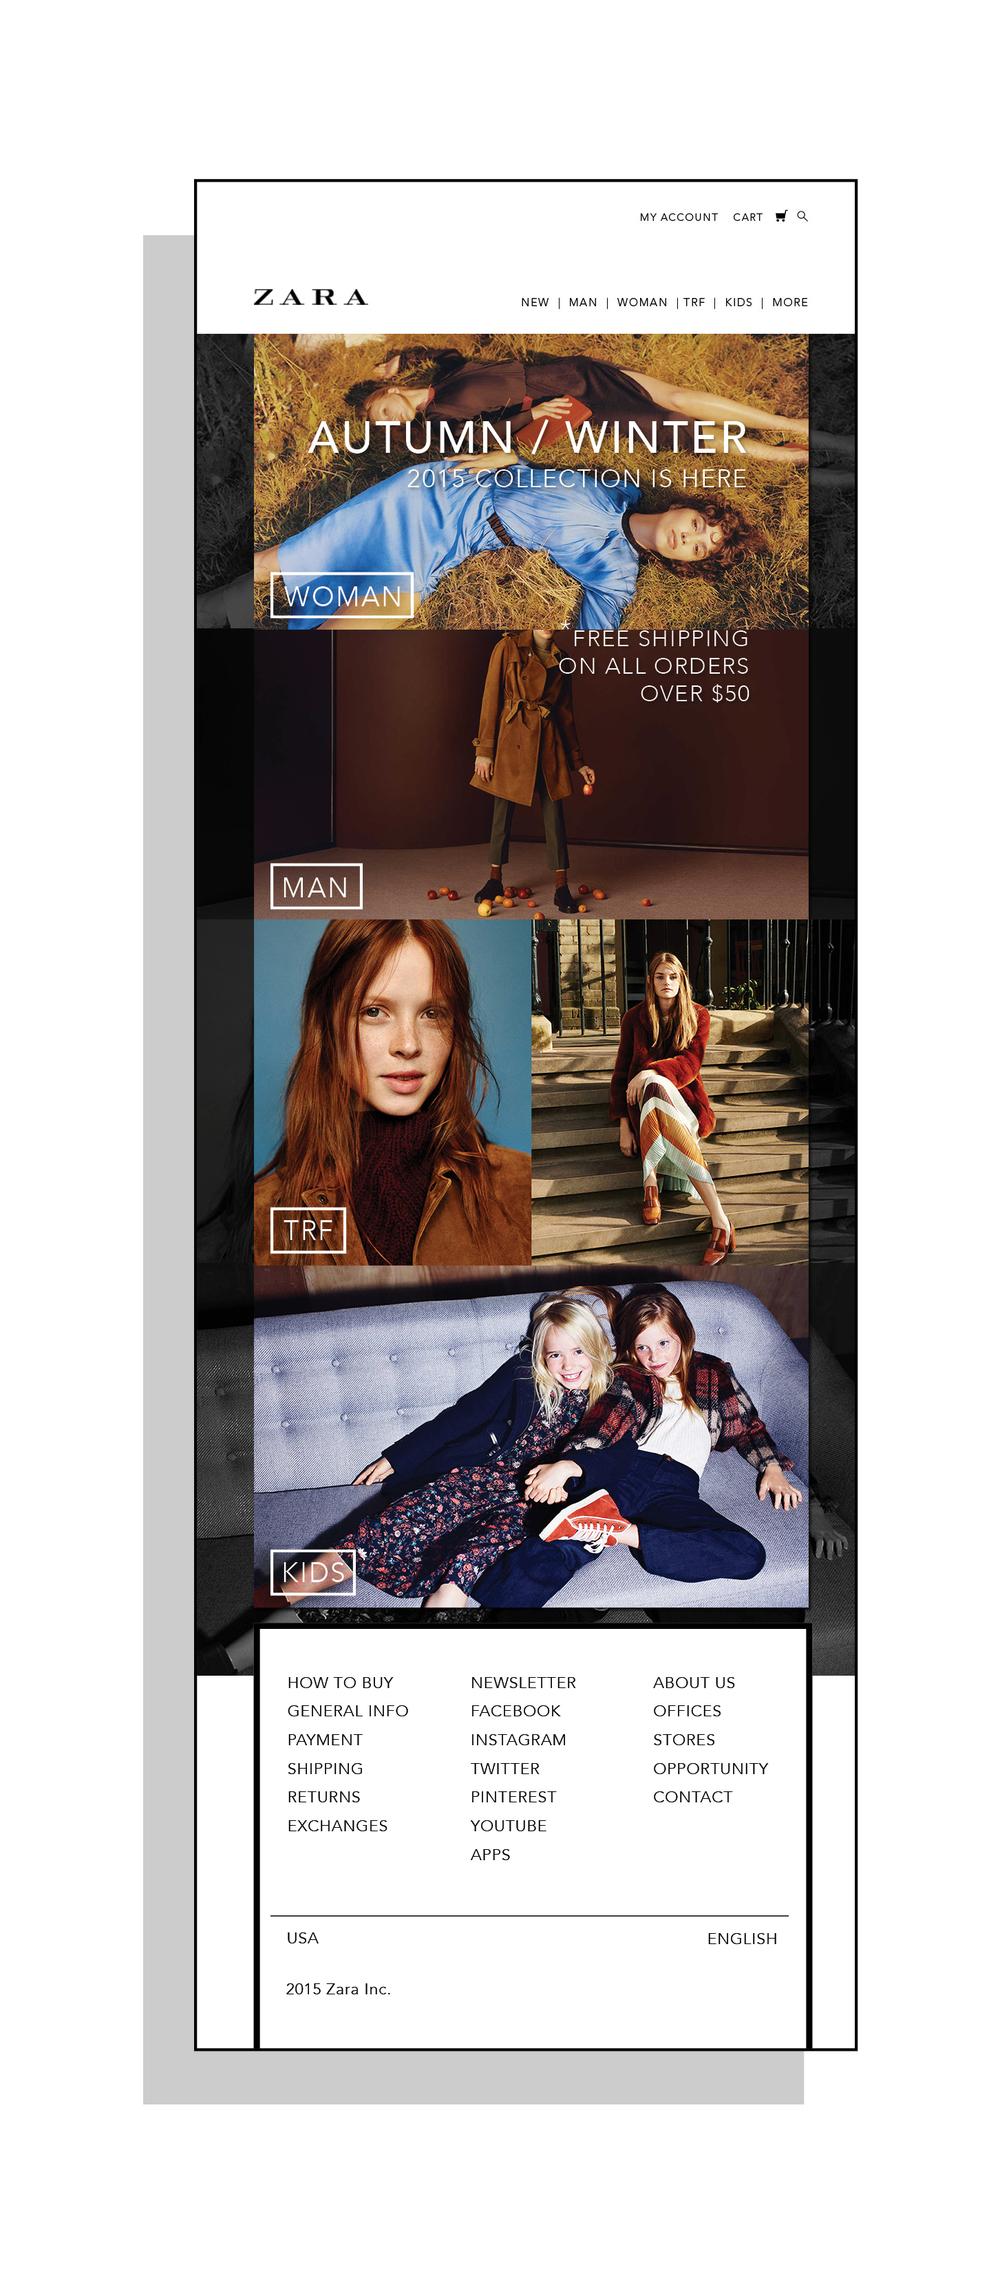 zara site jpg display.jpg